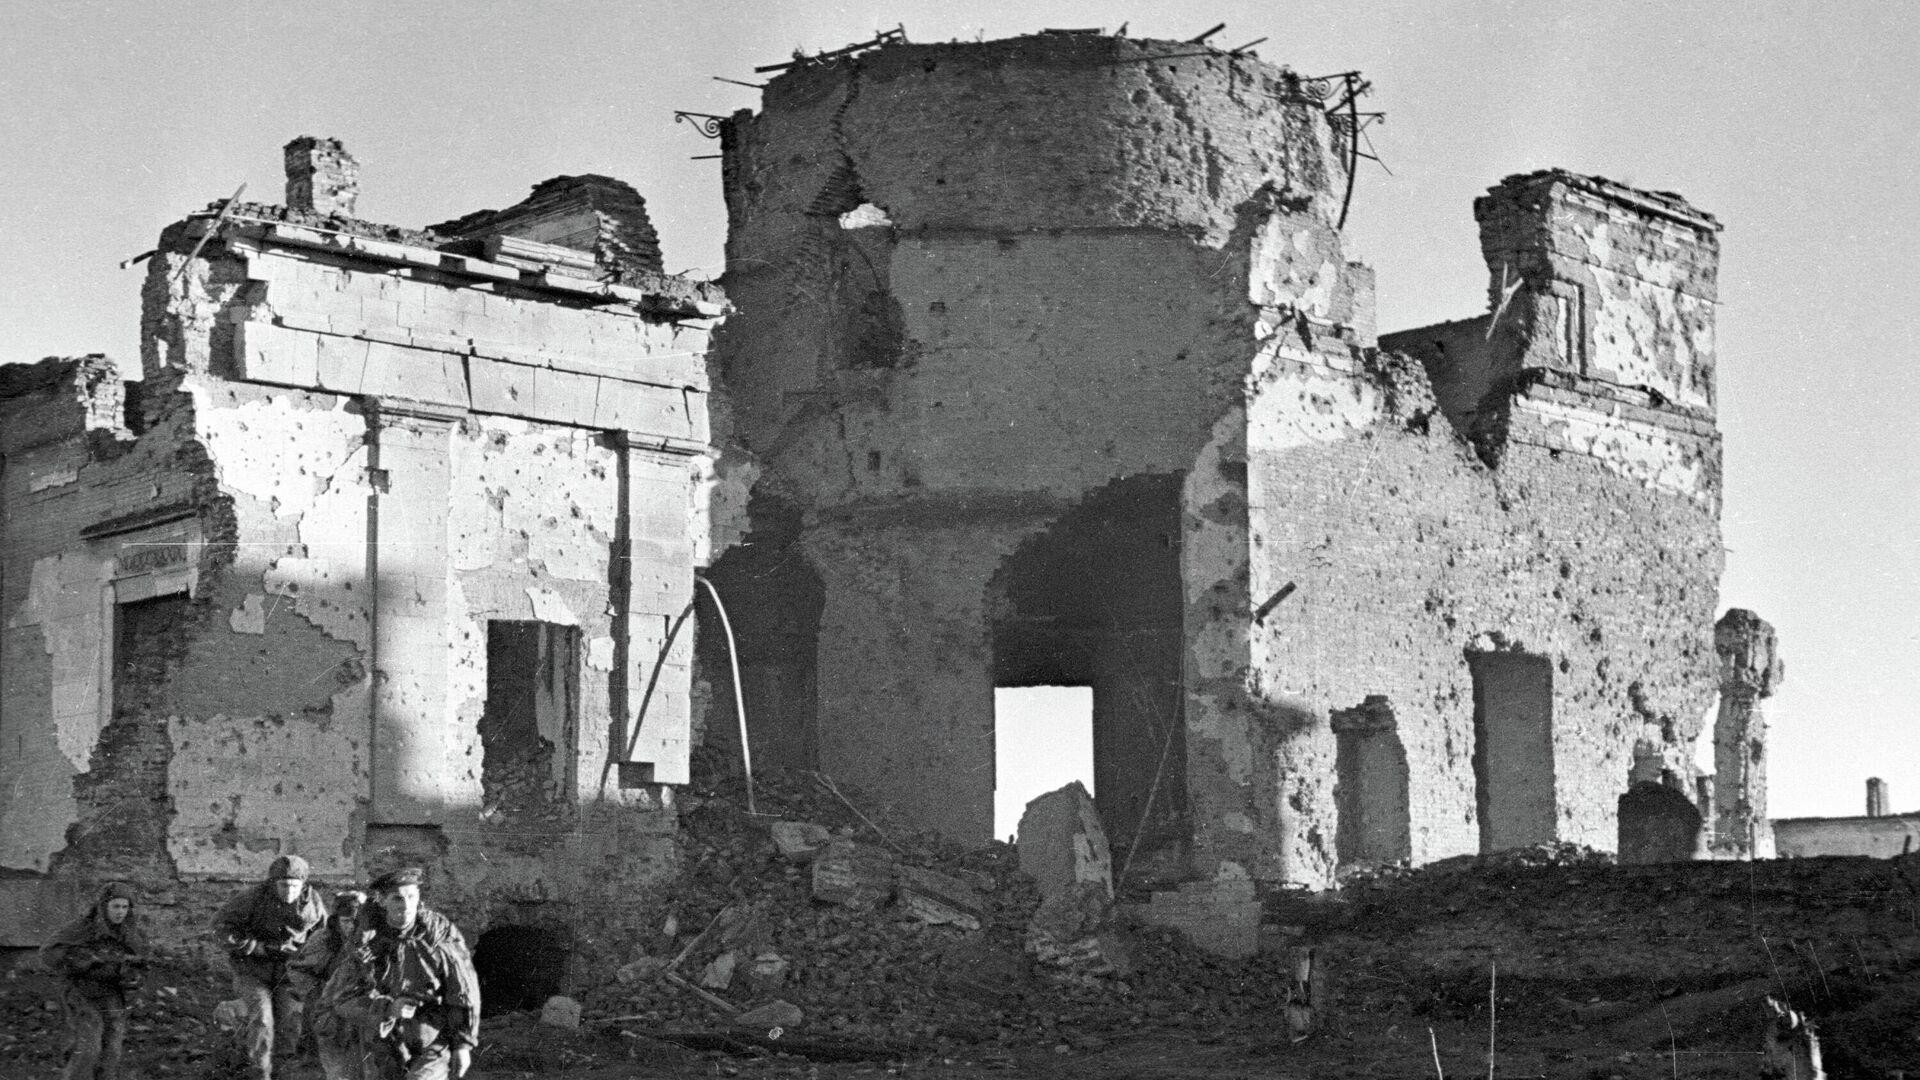 Павильон Пулковской обсерватории, разрушенный немецко-фашистскими захватчиками - РИА Новости, 1920, 28.05.2020